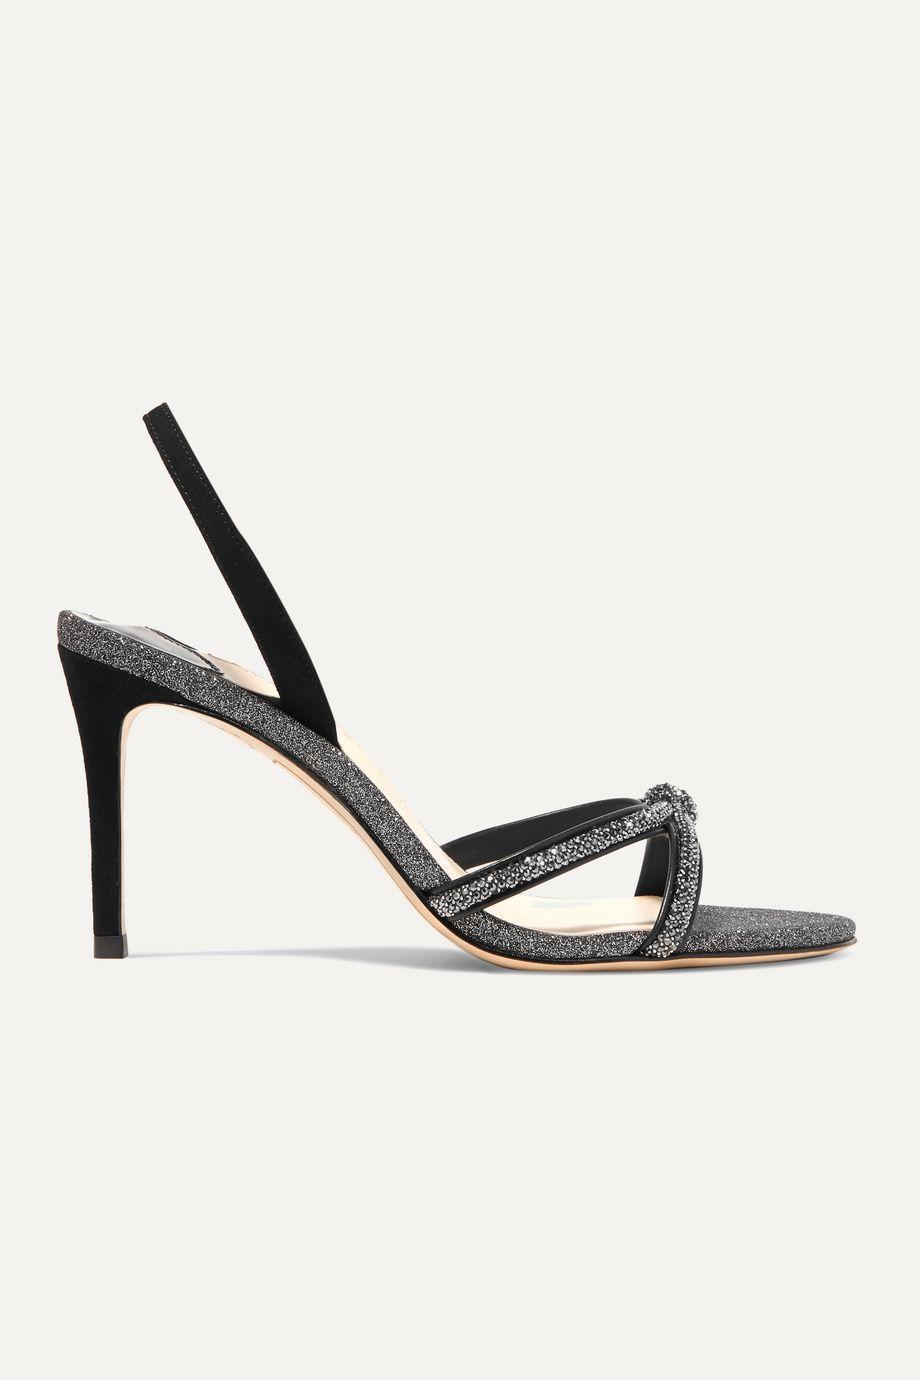 Sophia Webster Giovanna crystal-embellished glittered suede slingback sandals